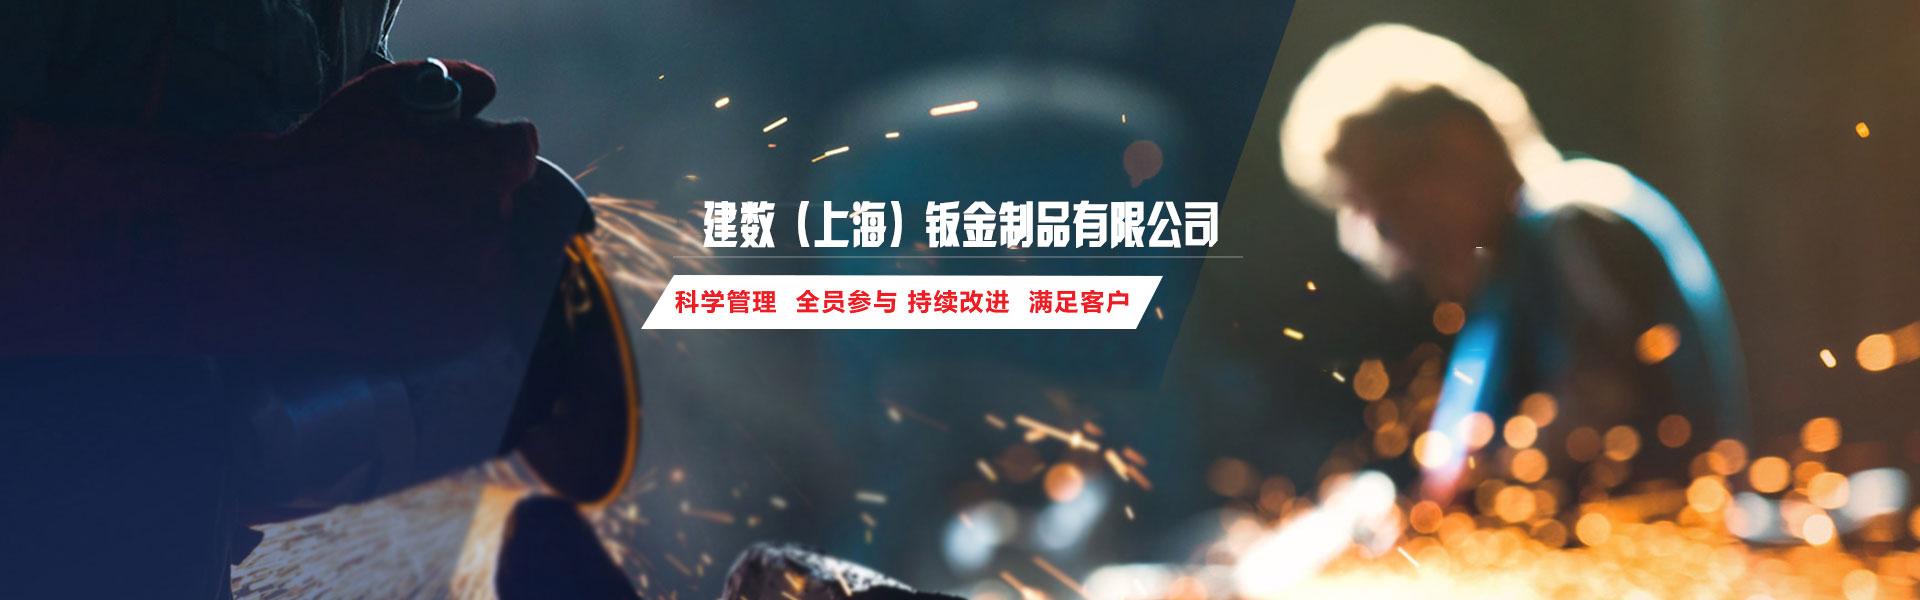 上海钣金定制